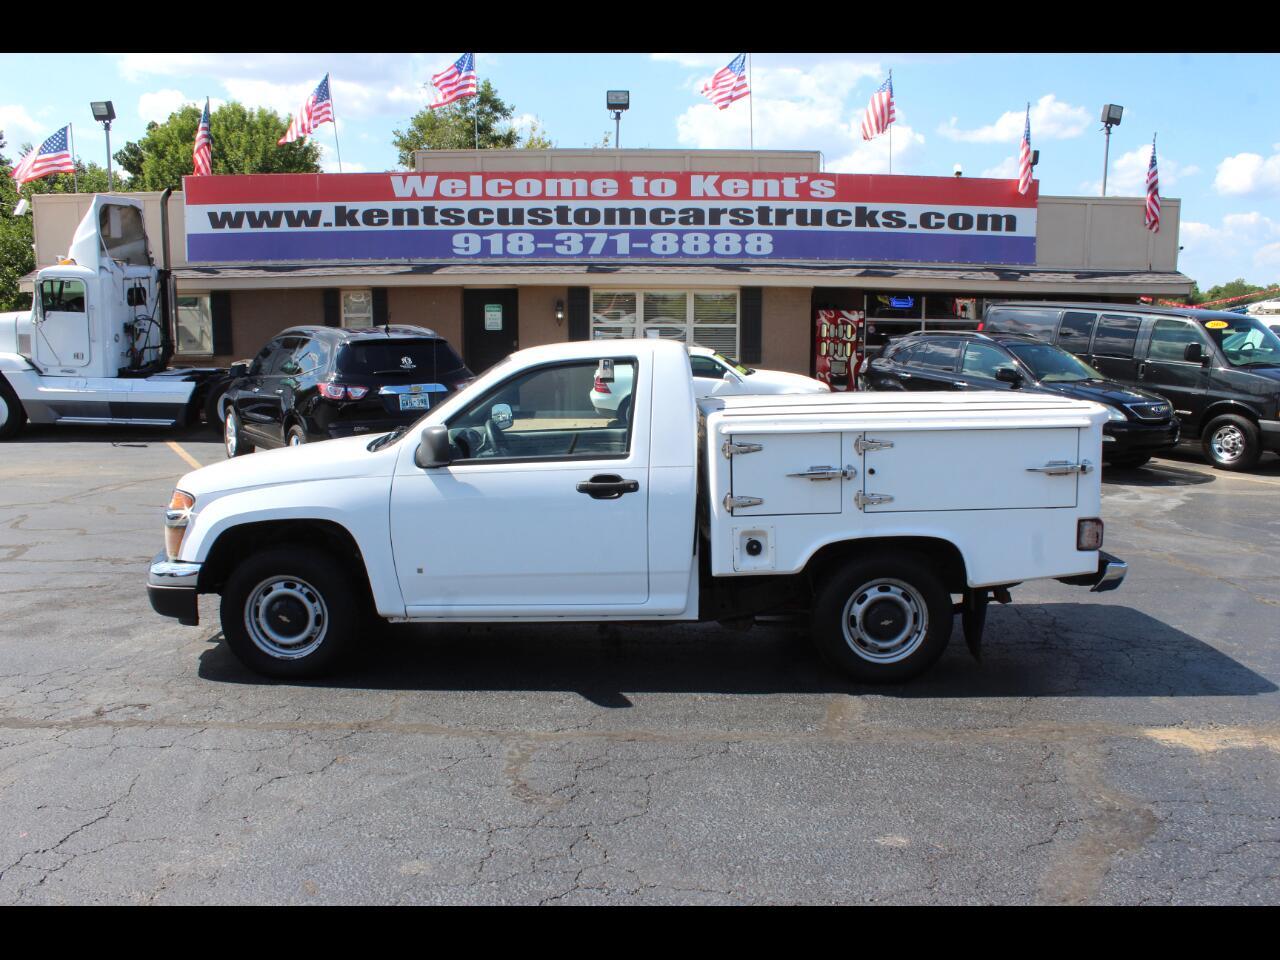 2006 Chevrolet Colorado Regular Cab 2WD Temperature Controlled Bed